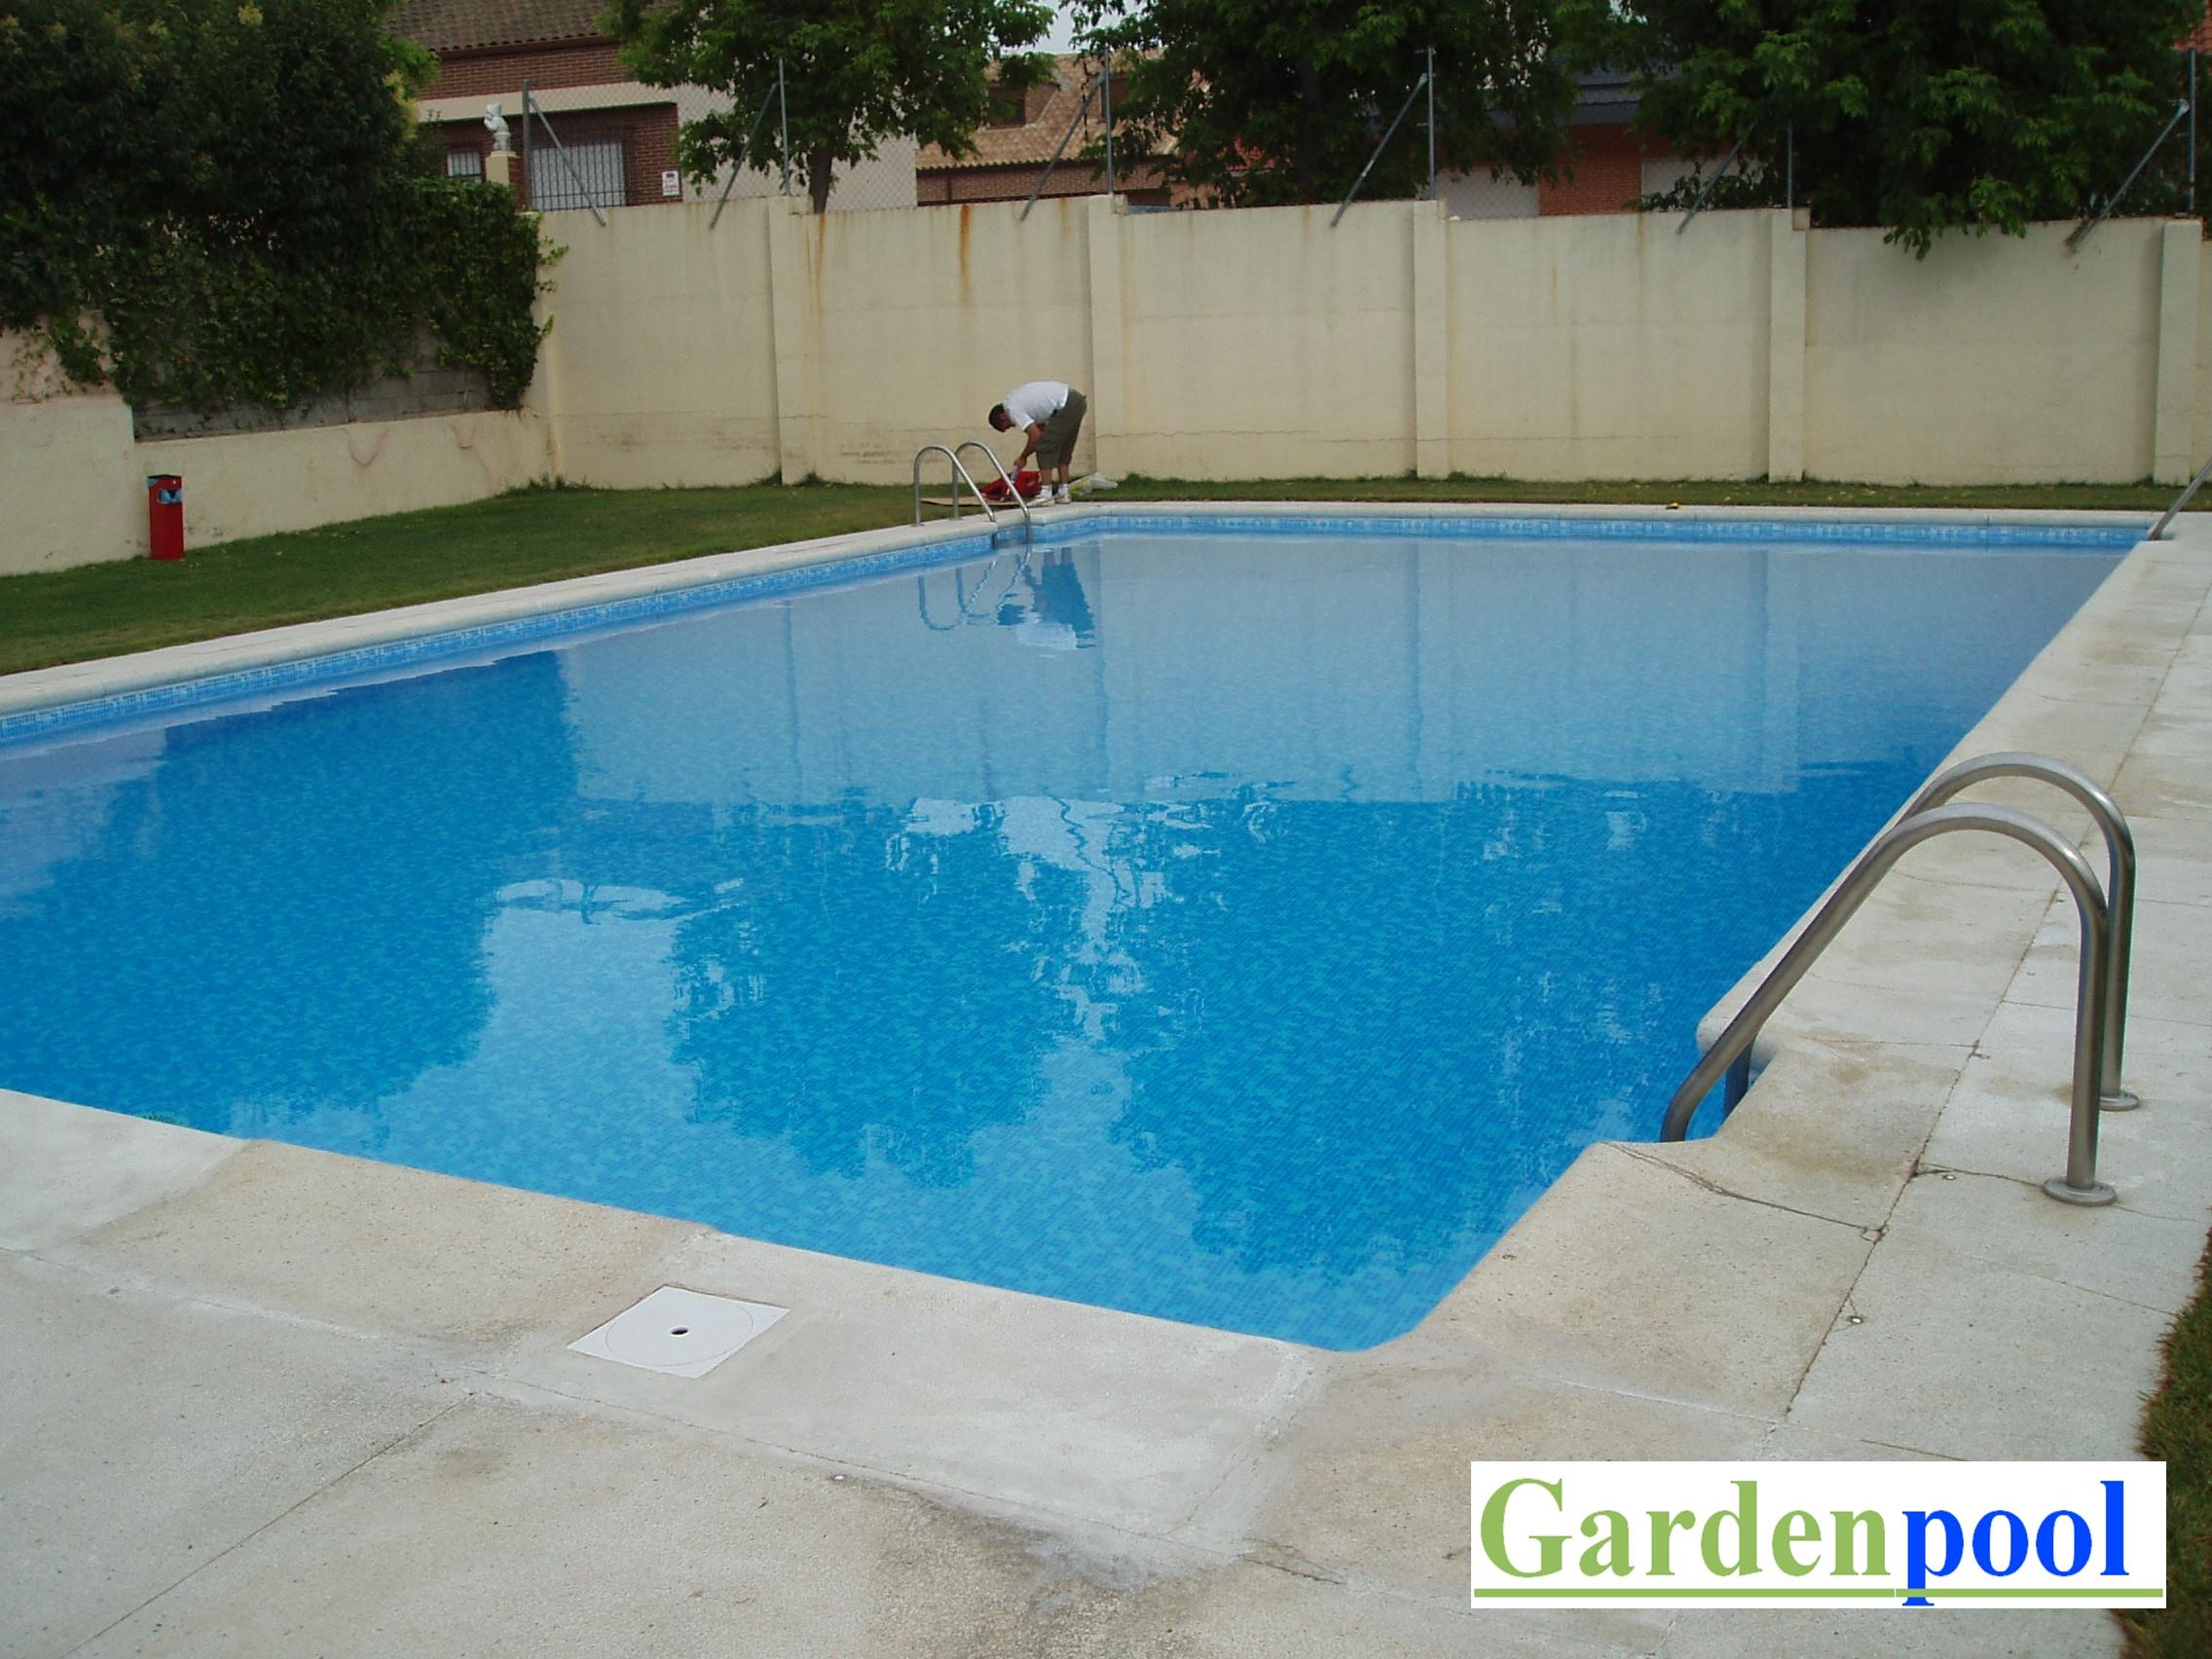 Impermeabilizacion de piscinas en madrid for Piscina navalcarnero